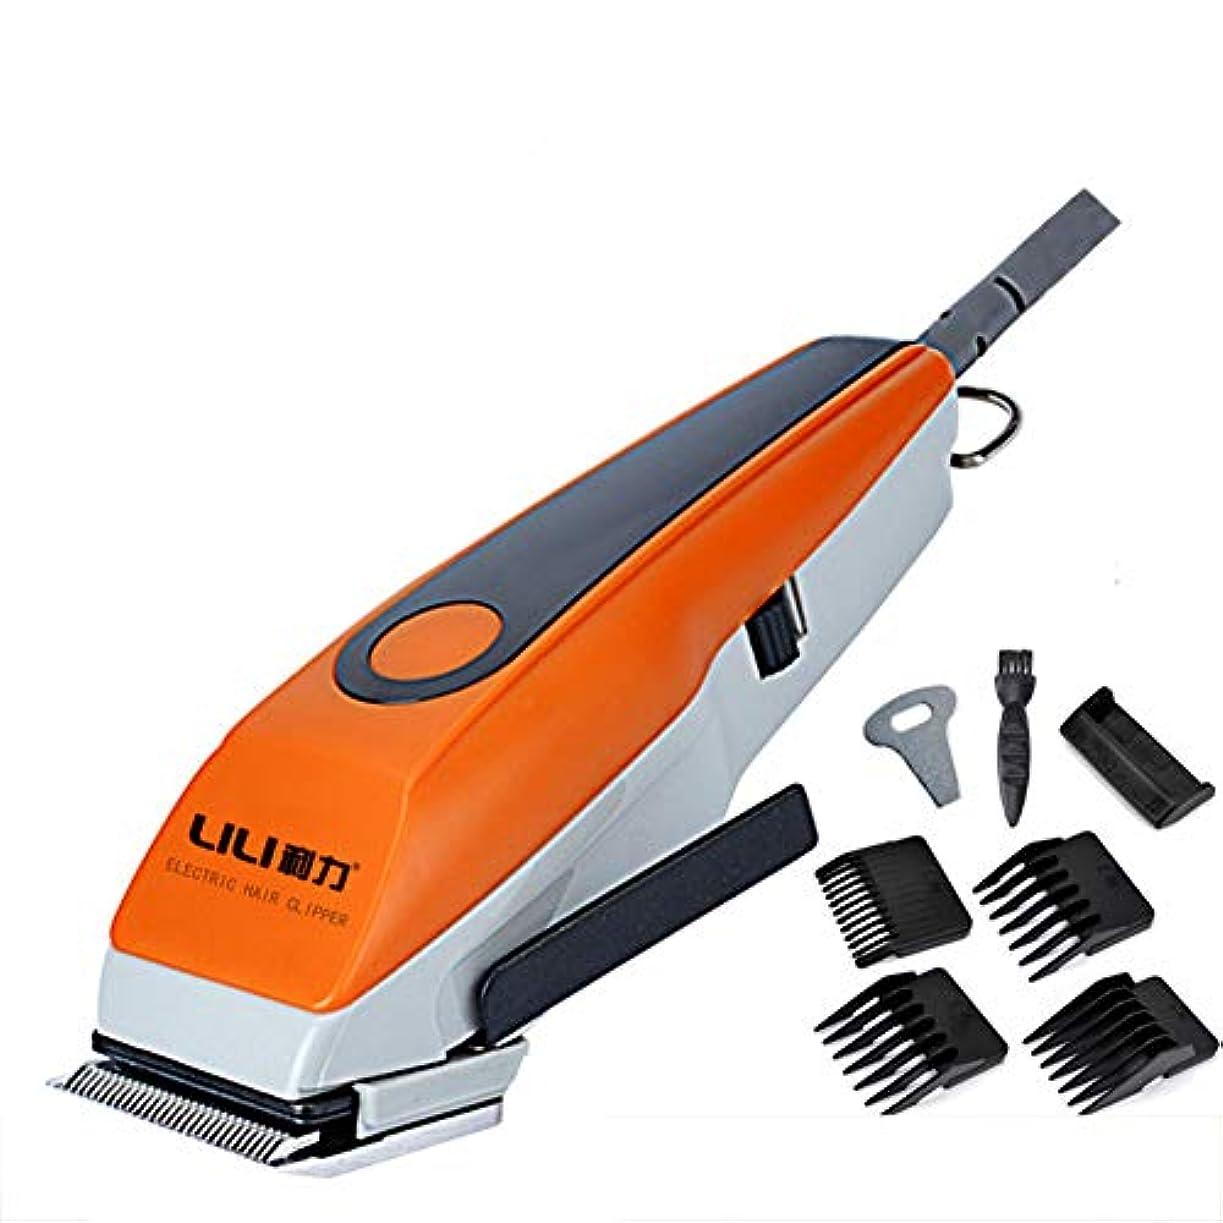 薄いですマットレストランジスタヘアクリッパー、サロン/ホーム用の低ノイズヘアカット機を剃る男性プロフェッショナル強力なコード付きヘアトリマー220V電動ヘアクリッパー